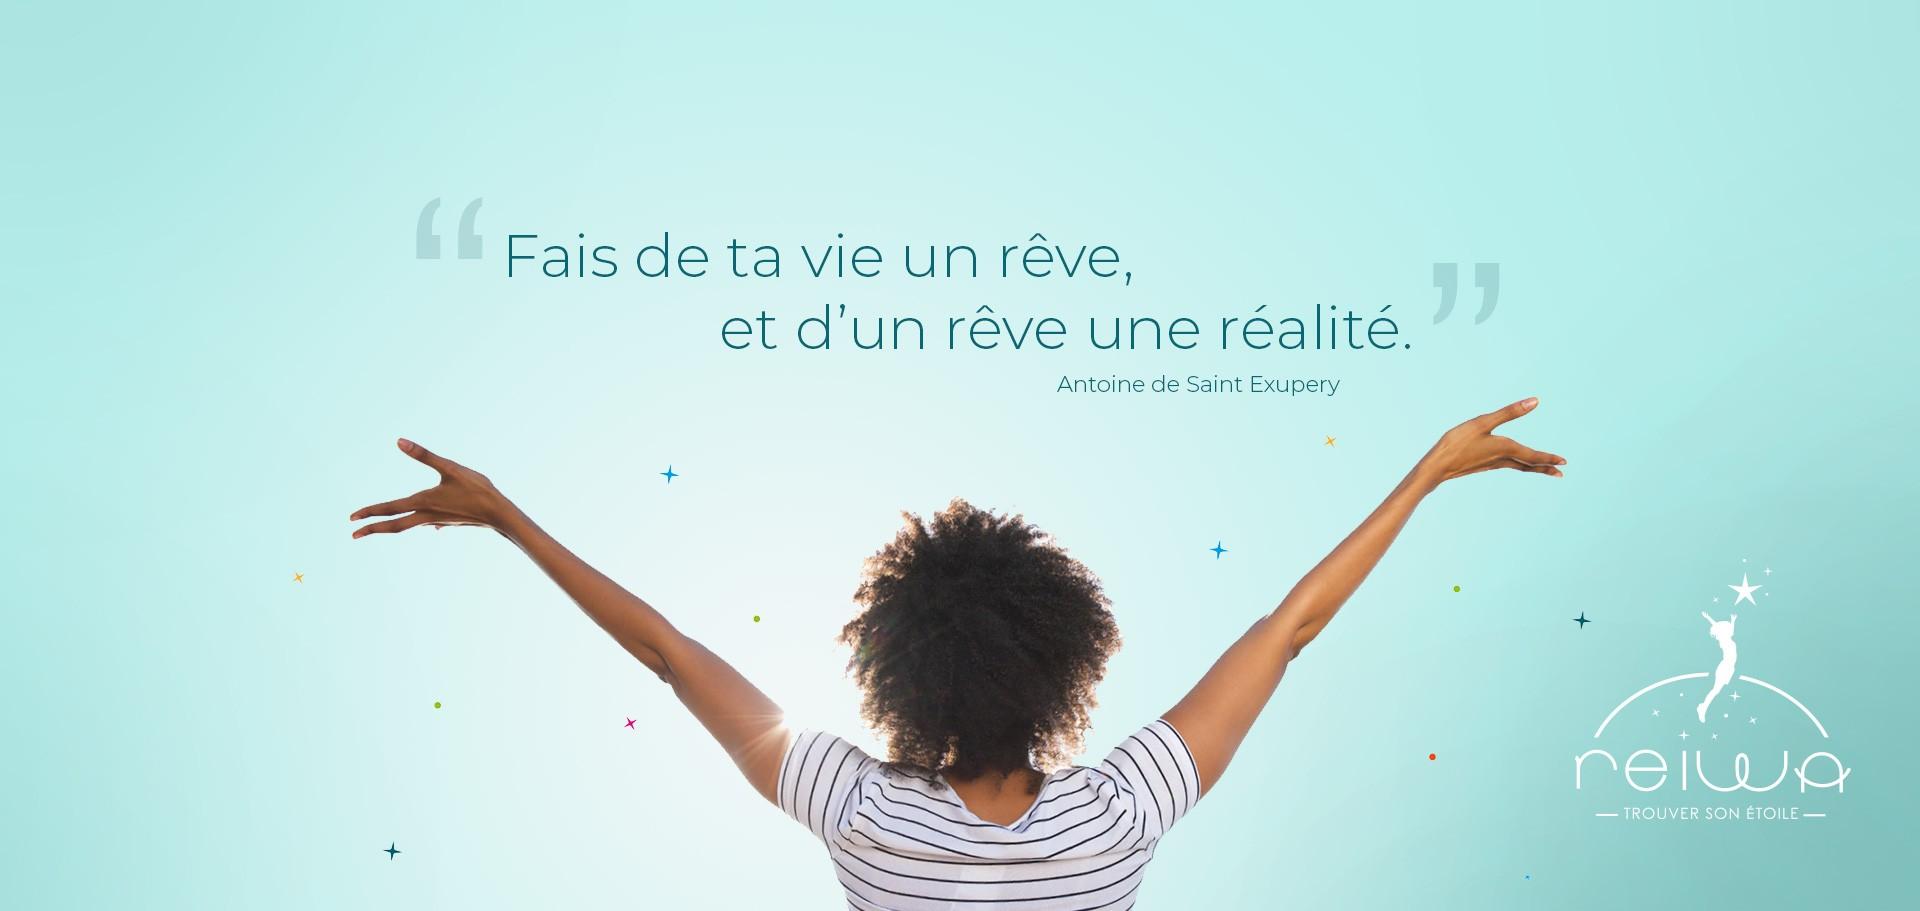 Citation Antoine de St Exupery